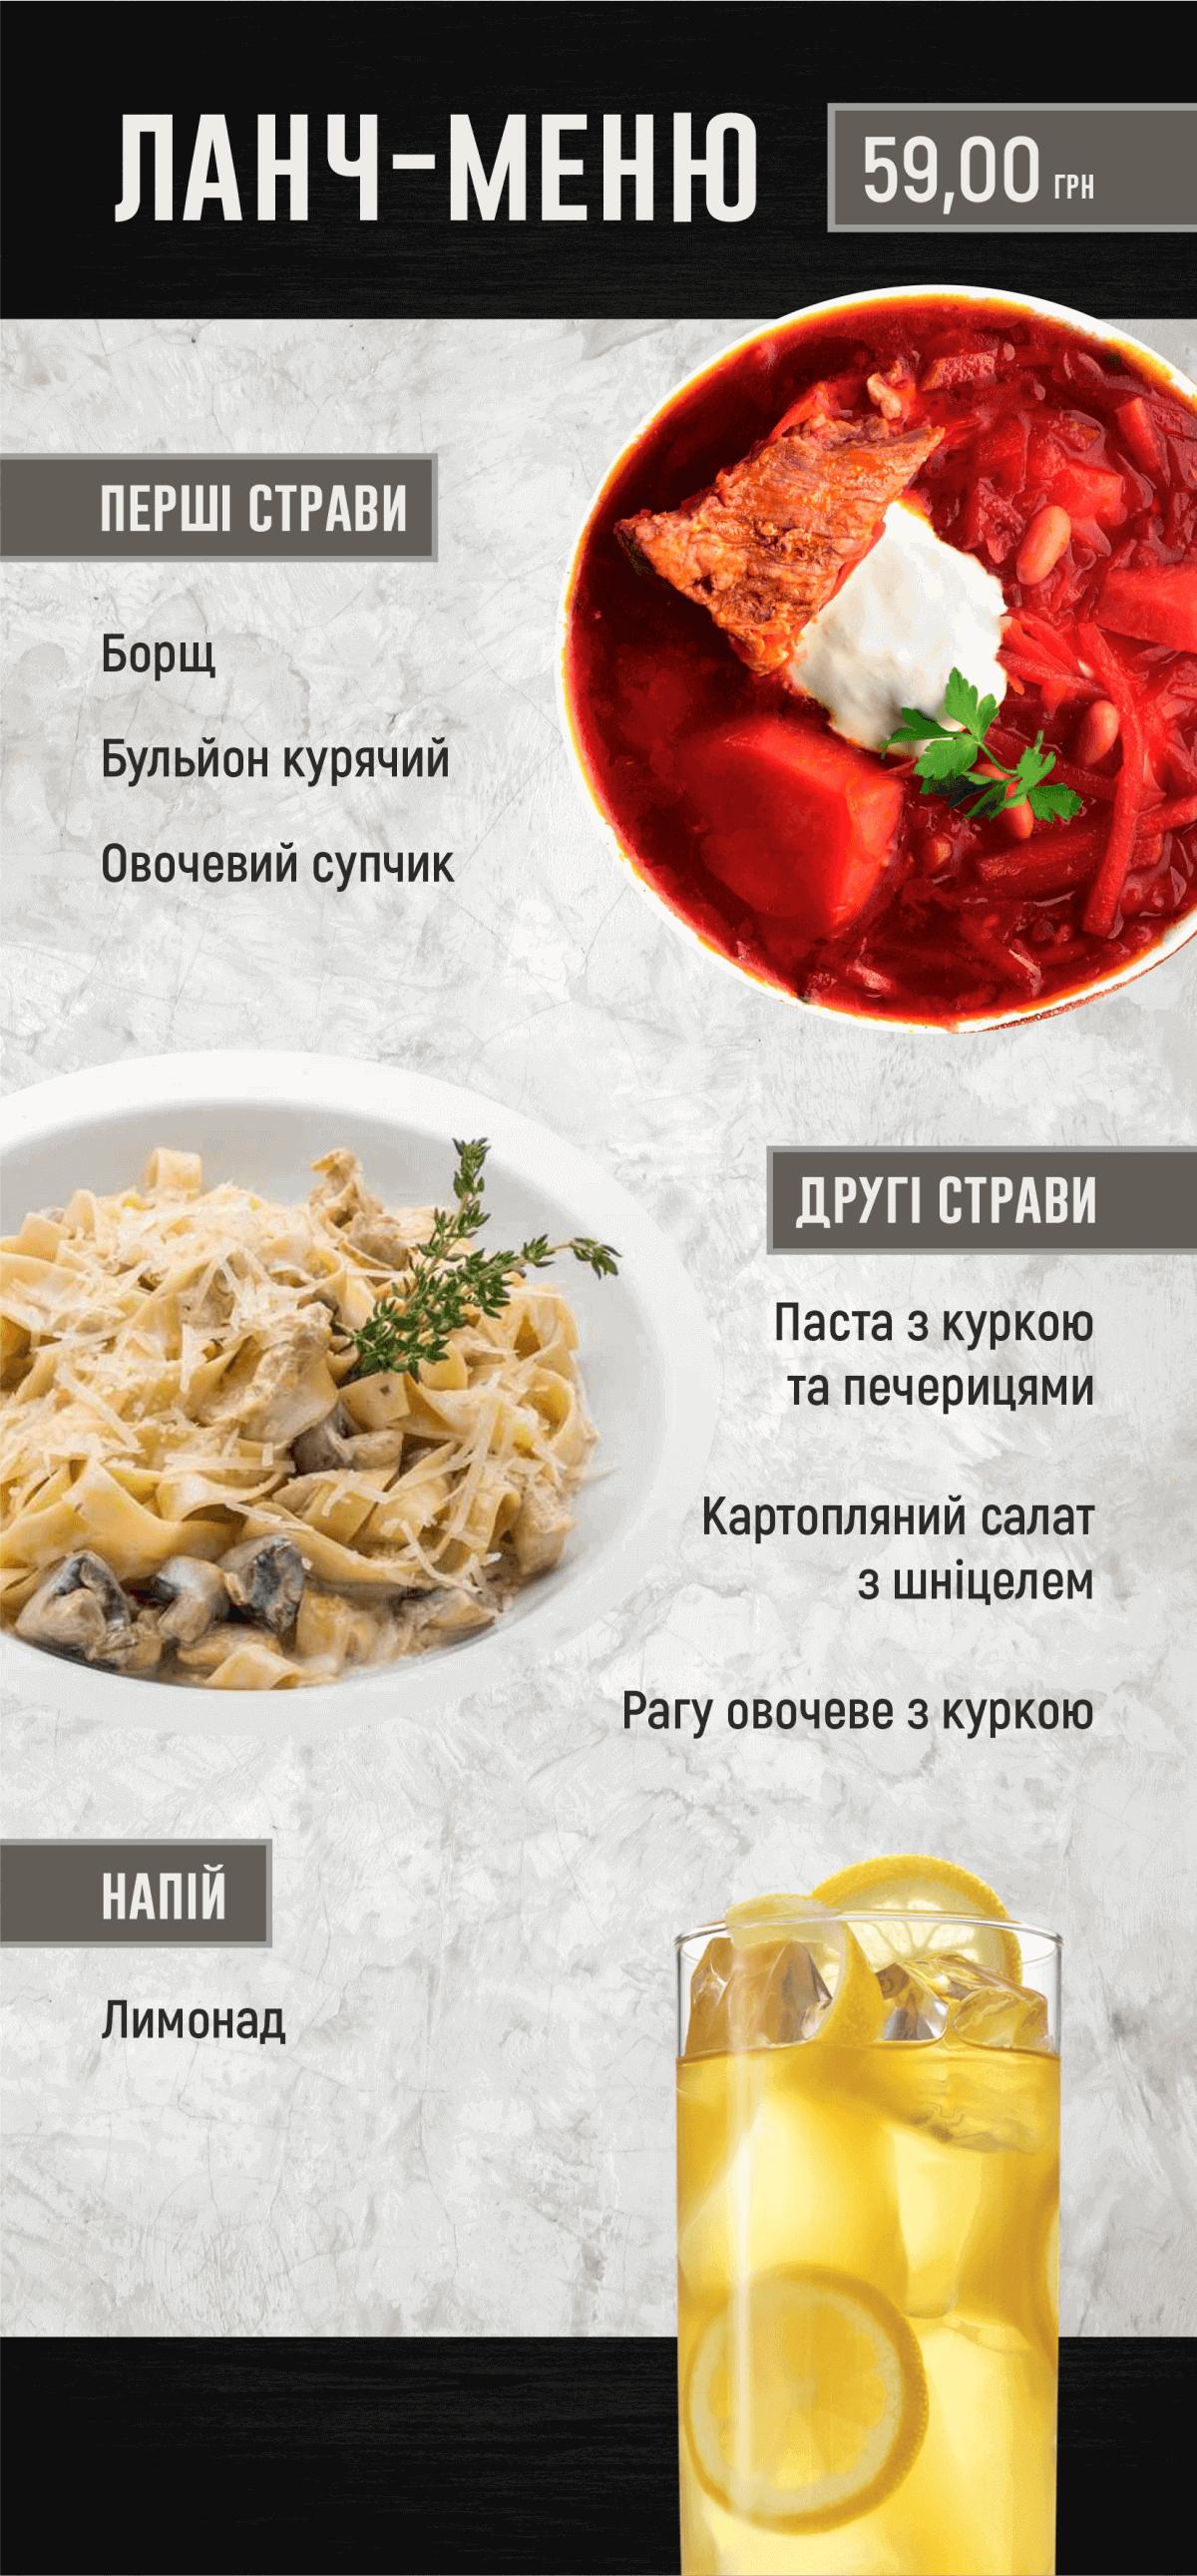 Меню • Ланч-меню – Лаунж-кафе «Еспрессо» - Івано-Франківськ